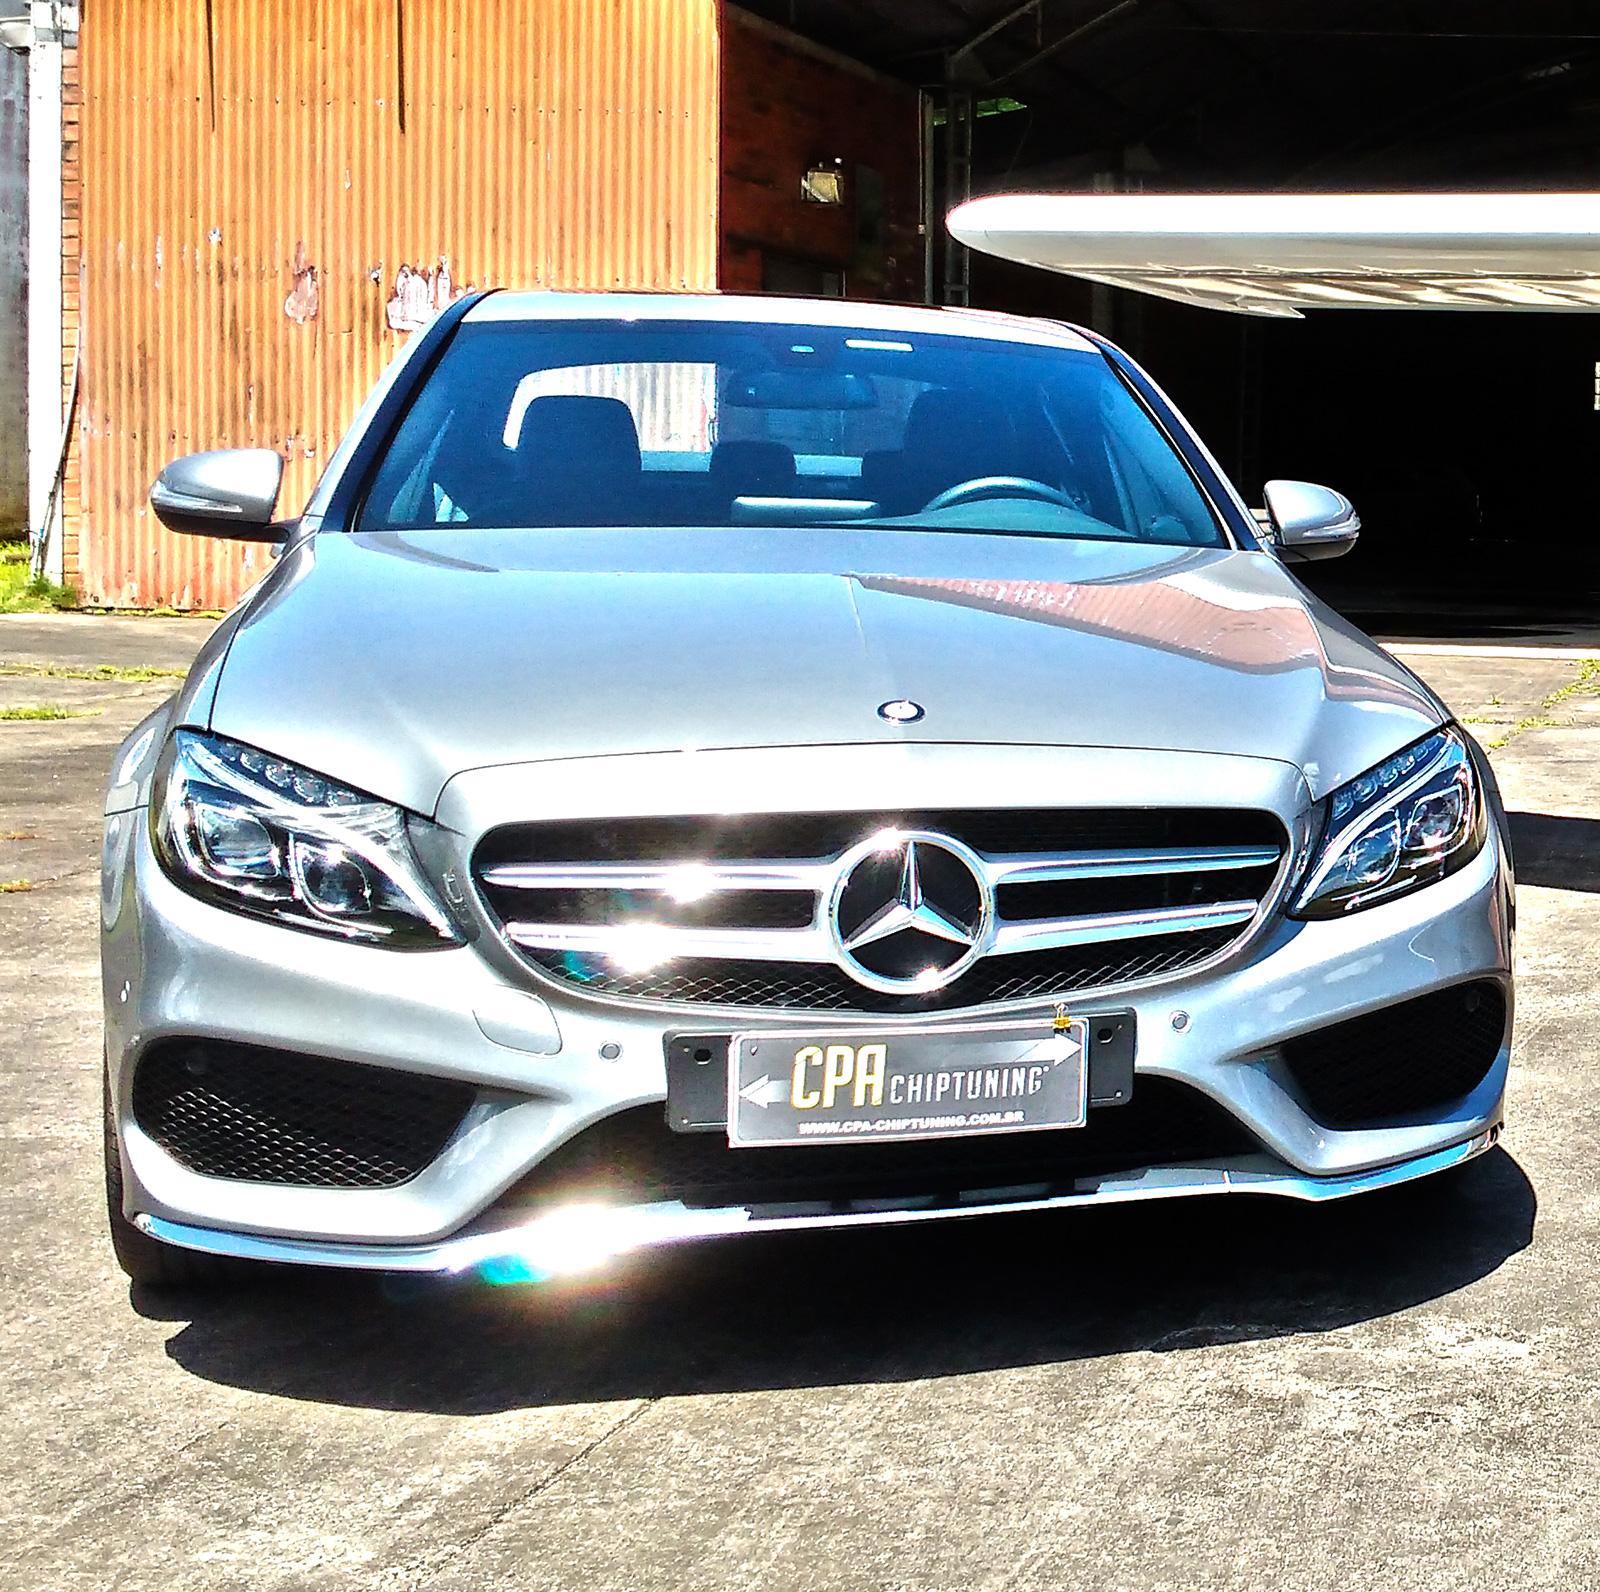 Chiptuning Im Test: Mercedes C-Klasse (W205) C250